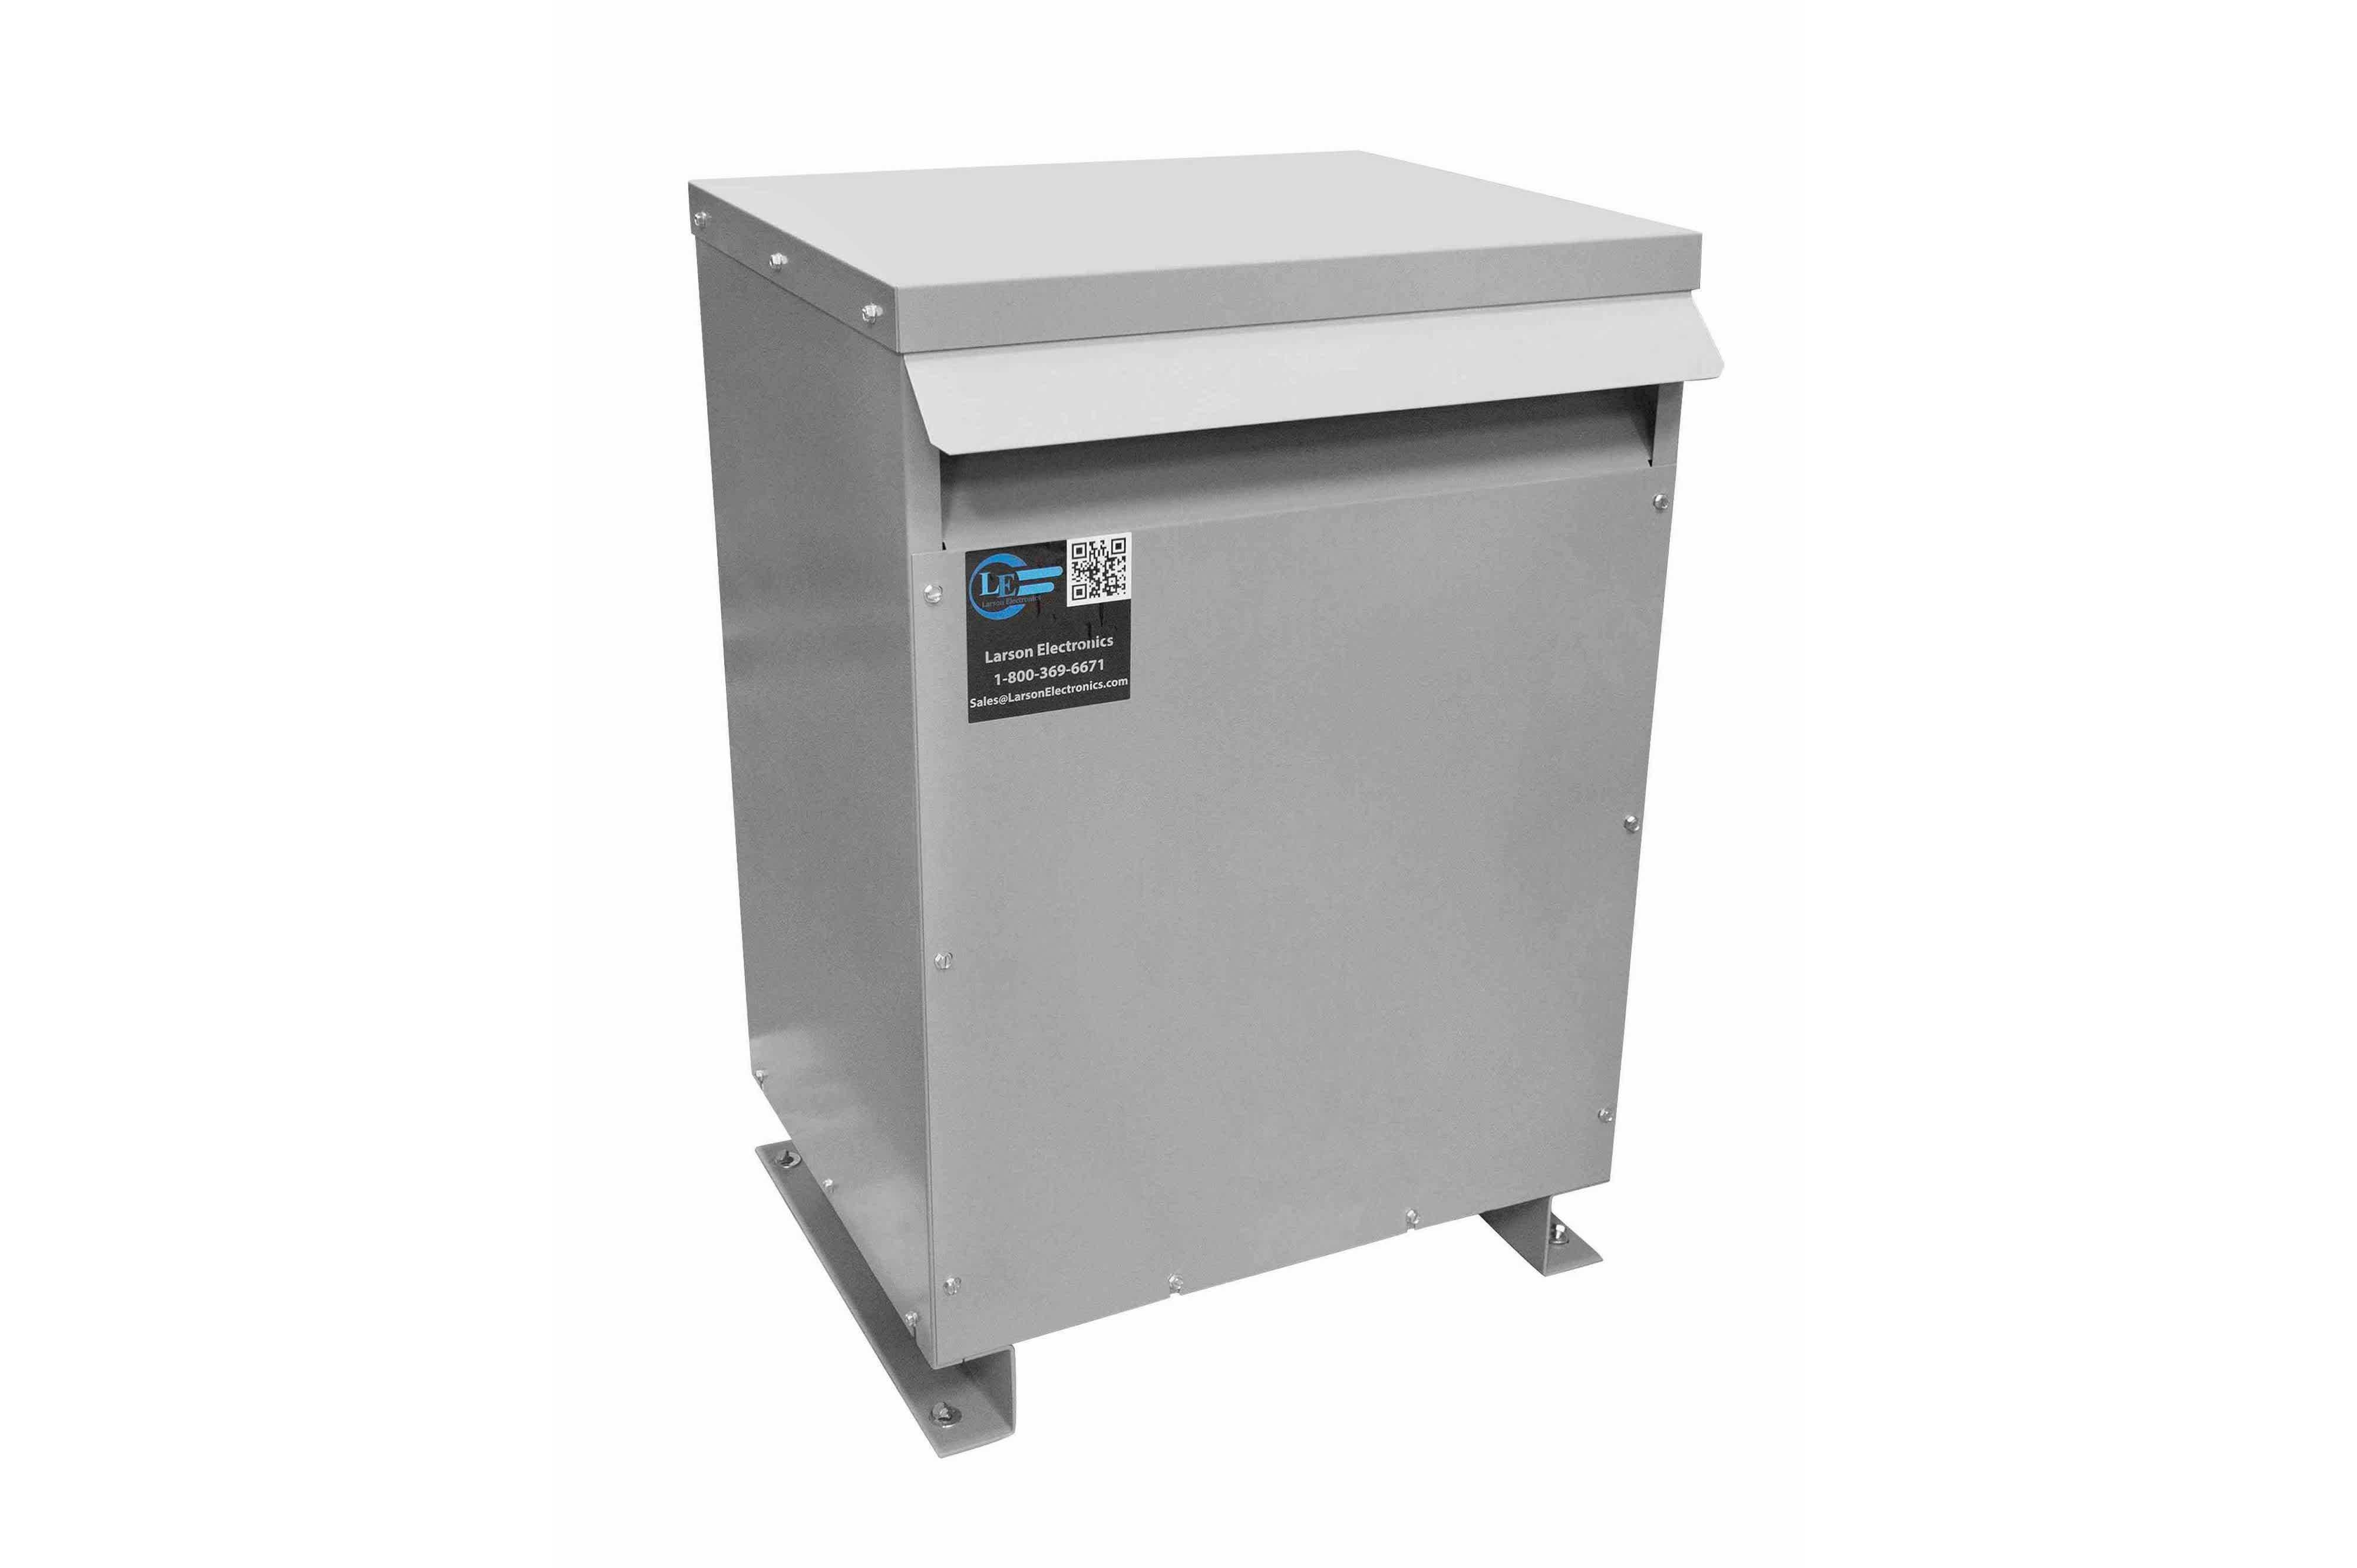 137.5 kVA 3PH Isolation Transformer, 380V Delta Primary, 240 Delta Secondary, N3R, Ventilated, 60 Hz